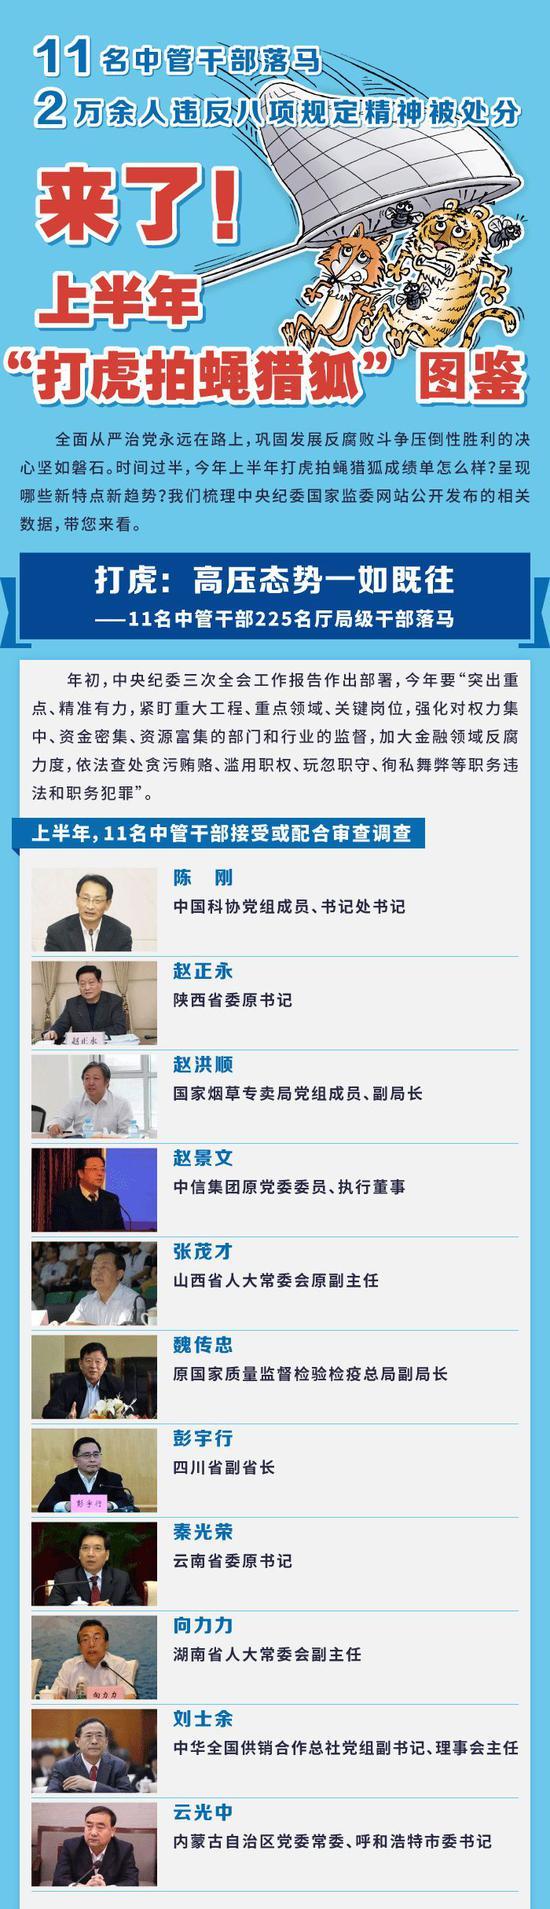 广东会mgapp平台官网